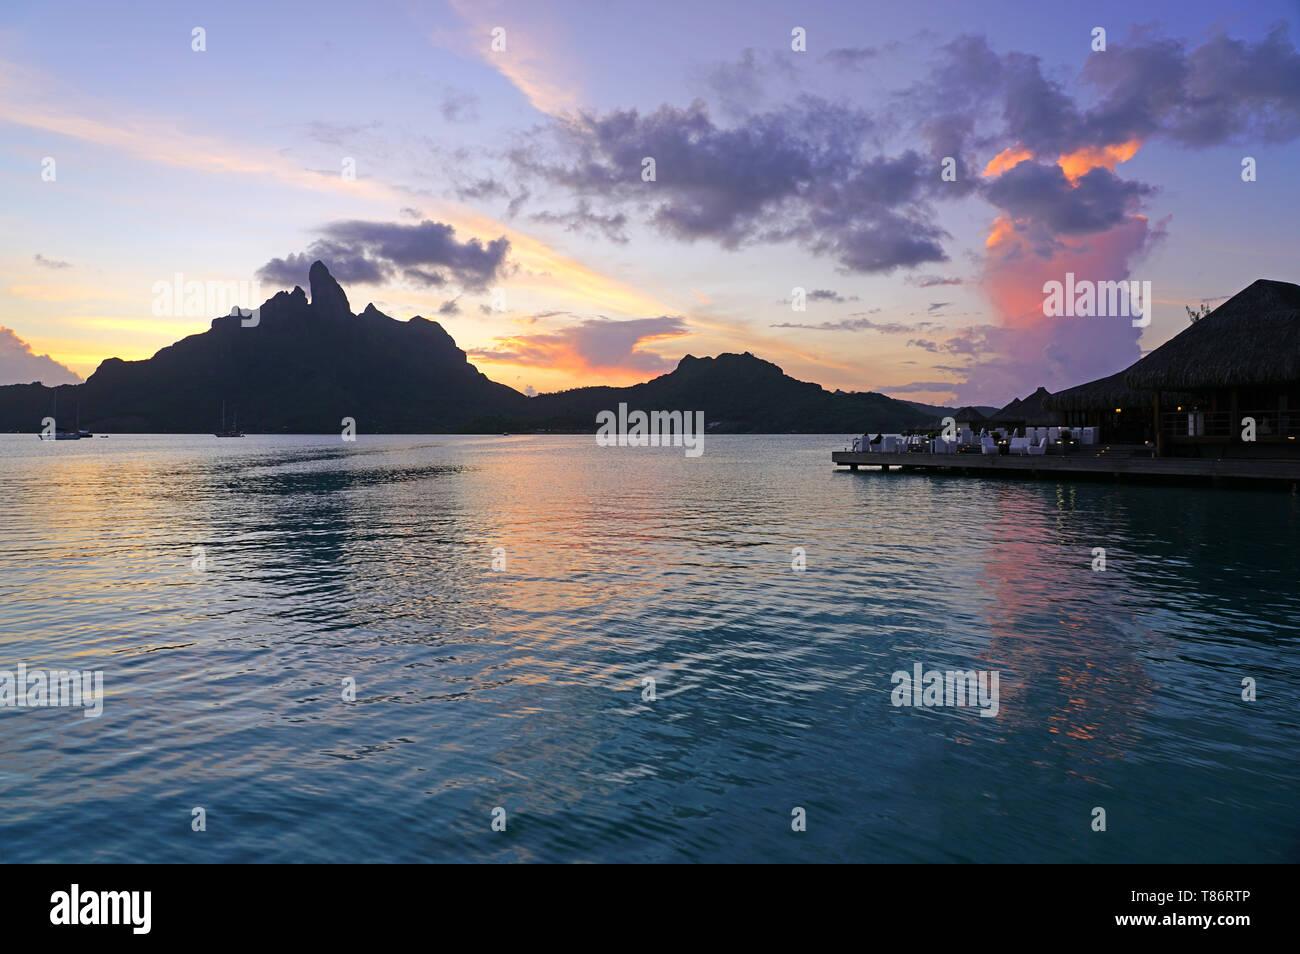 BORA BORA, FRENCH POLYNESIA -4 DEC 2018- Night view of the